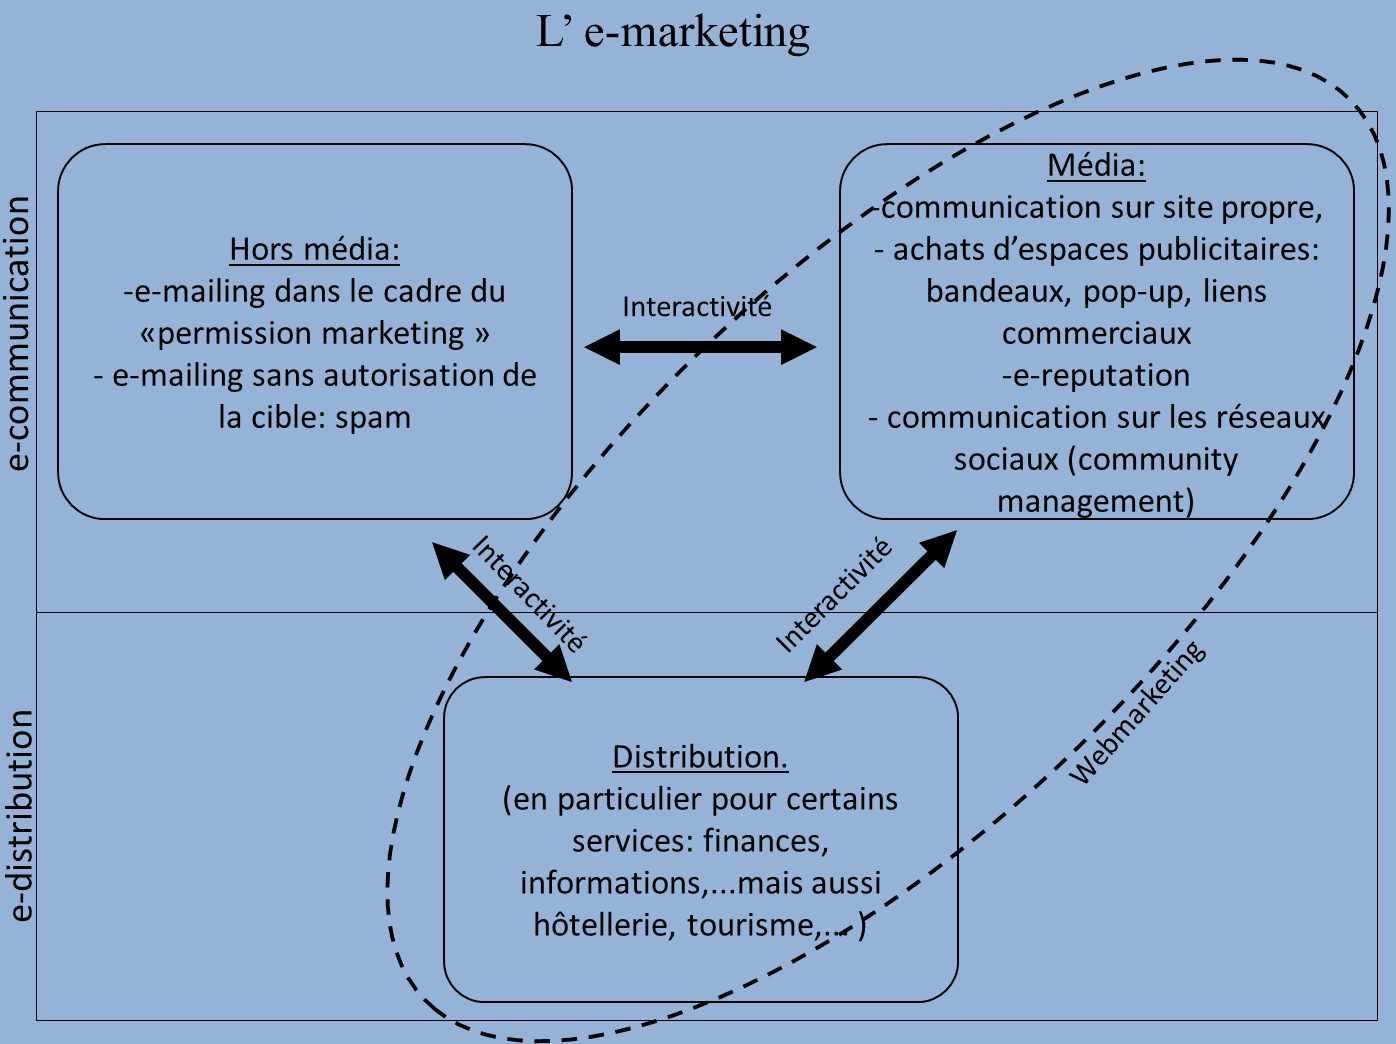 Jj Cariou e-marketing marketing digital